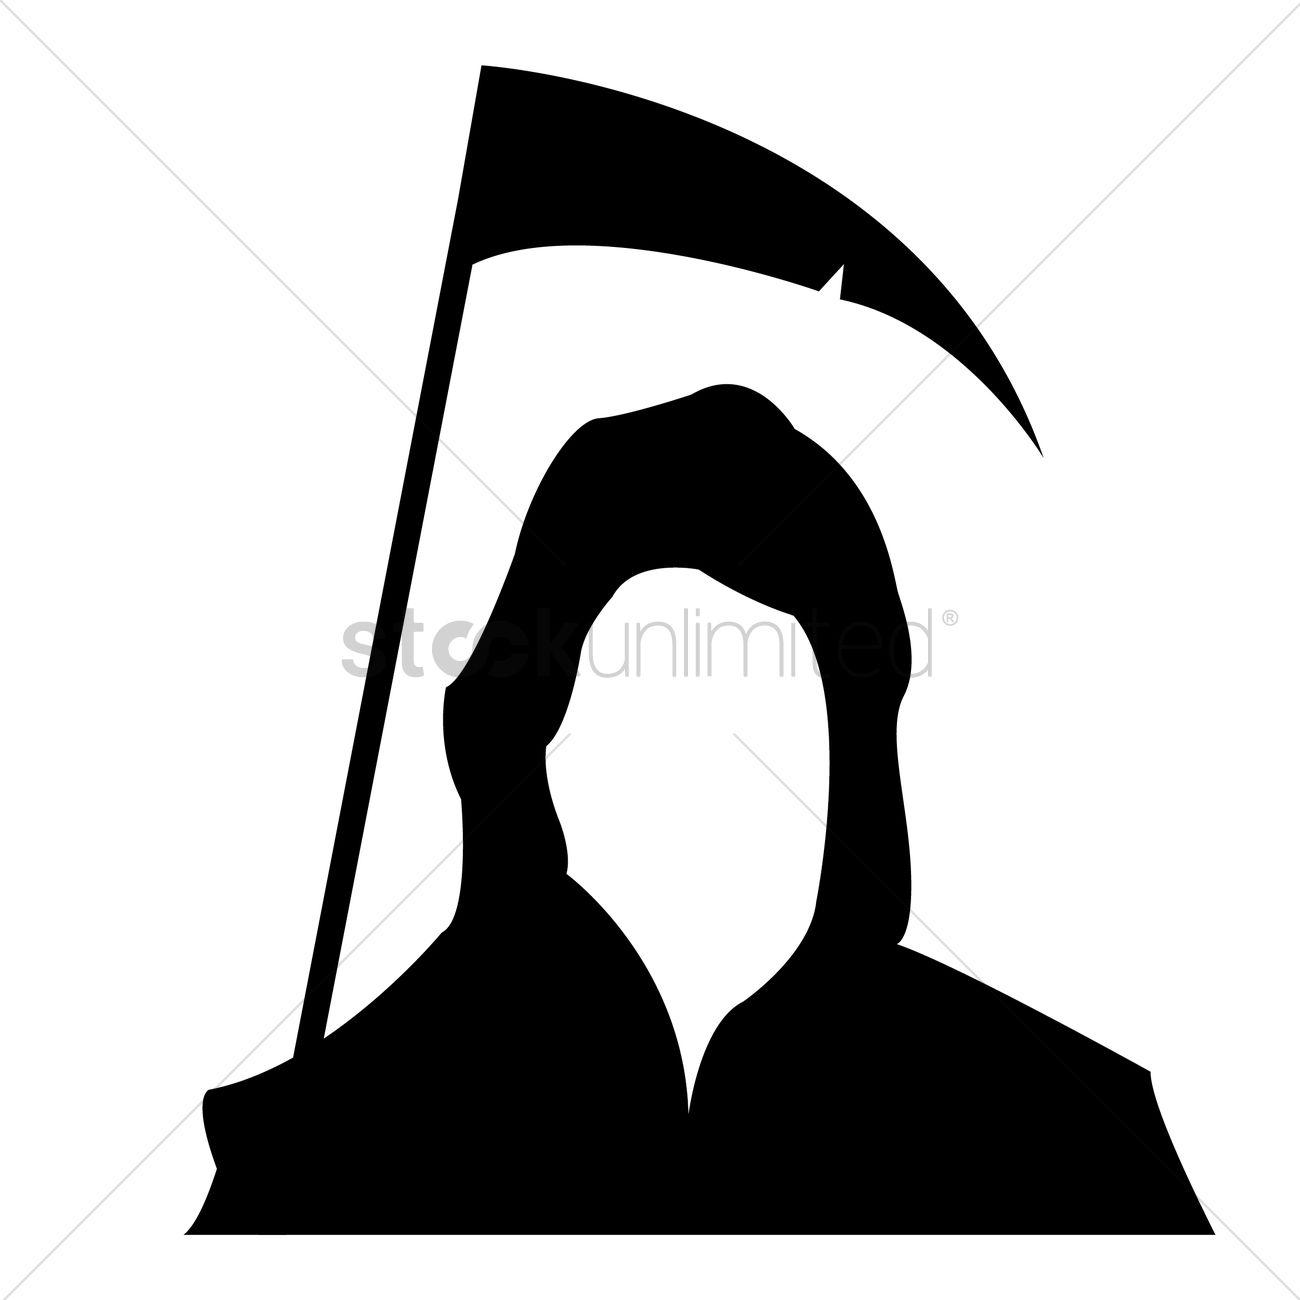 grim reaper silhouette vector image 1483320 stockunlimited rh stockunlimited com grim reaper clipart black and white clipart grim reaper